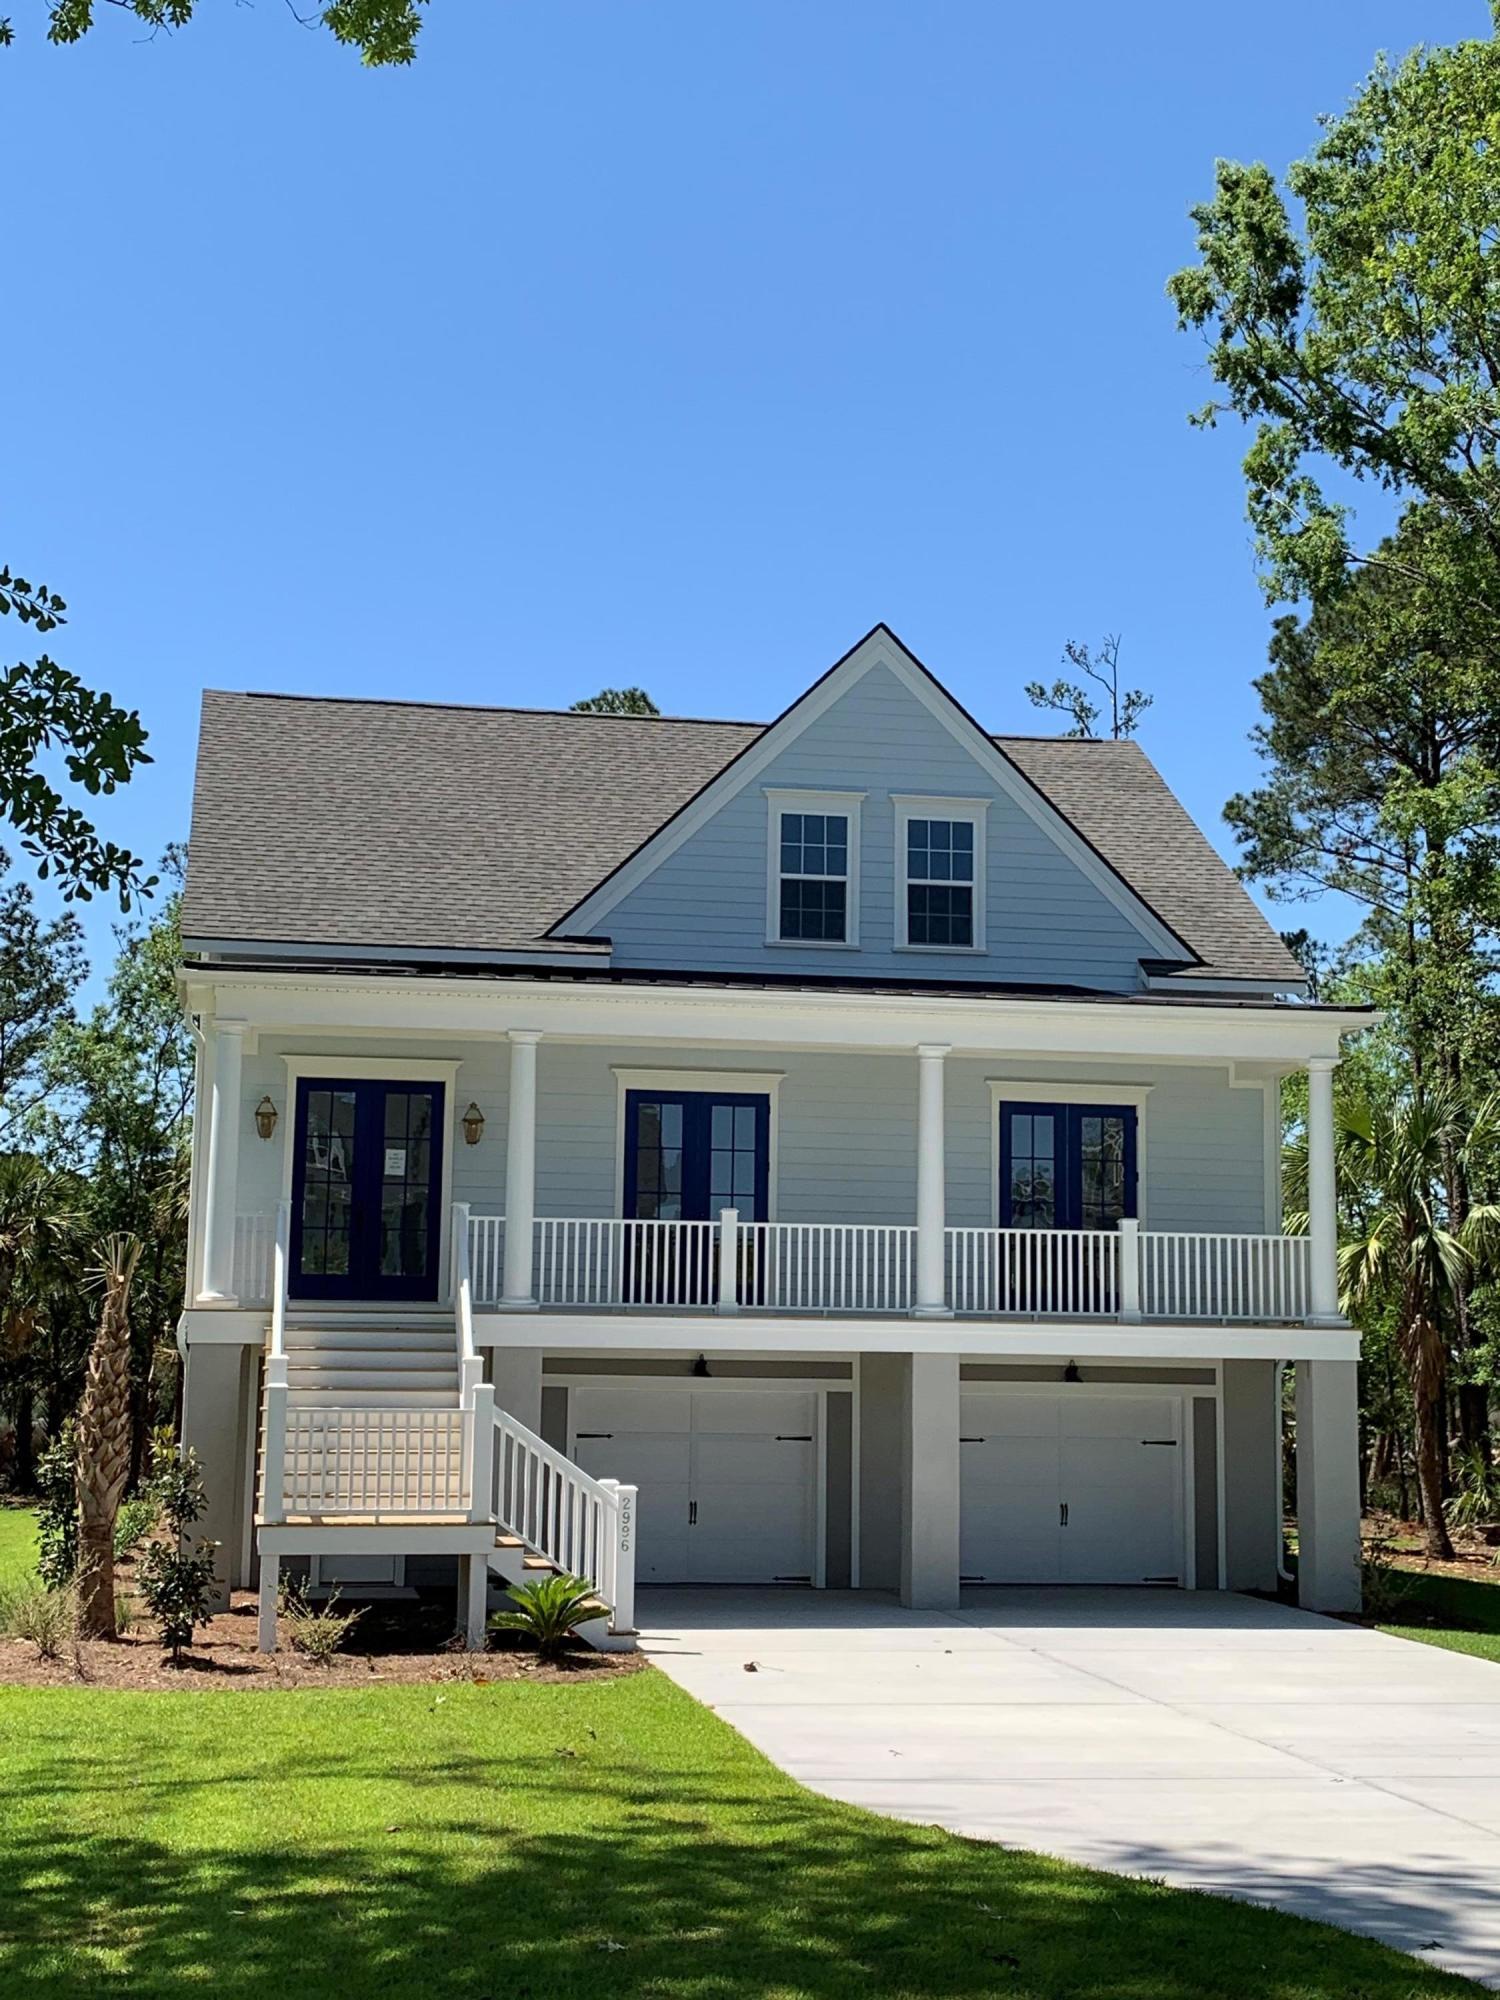 Dunes West Homes For Sale - 2996 Yachtsman, Mount Pleasant, SC - 15